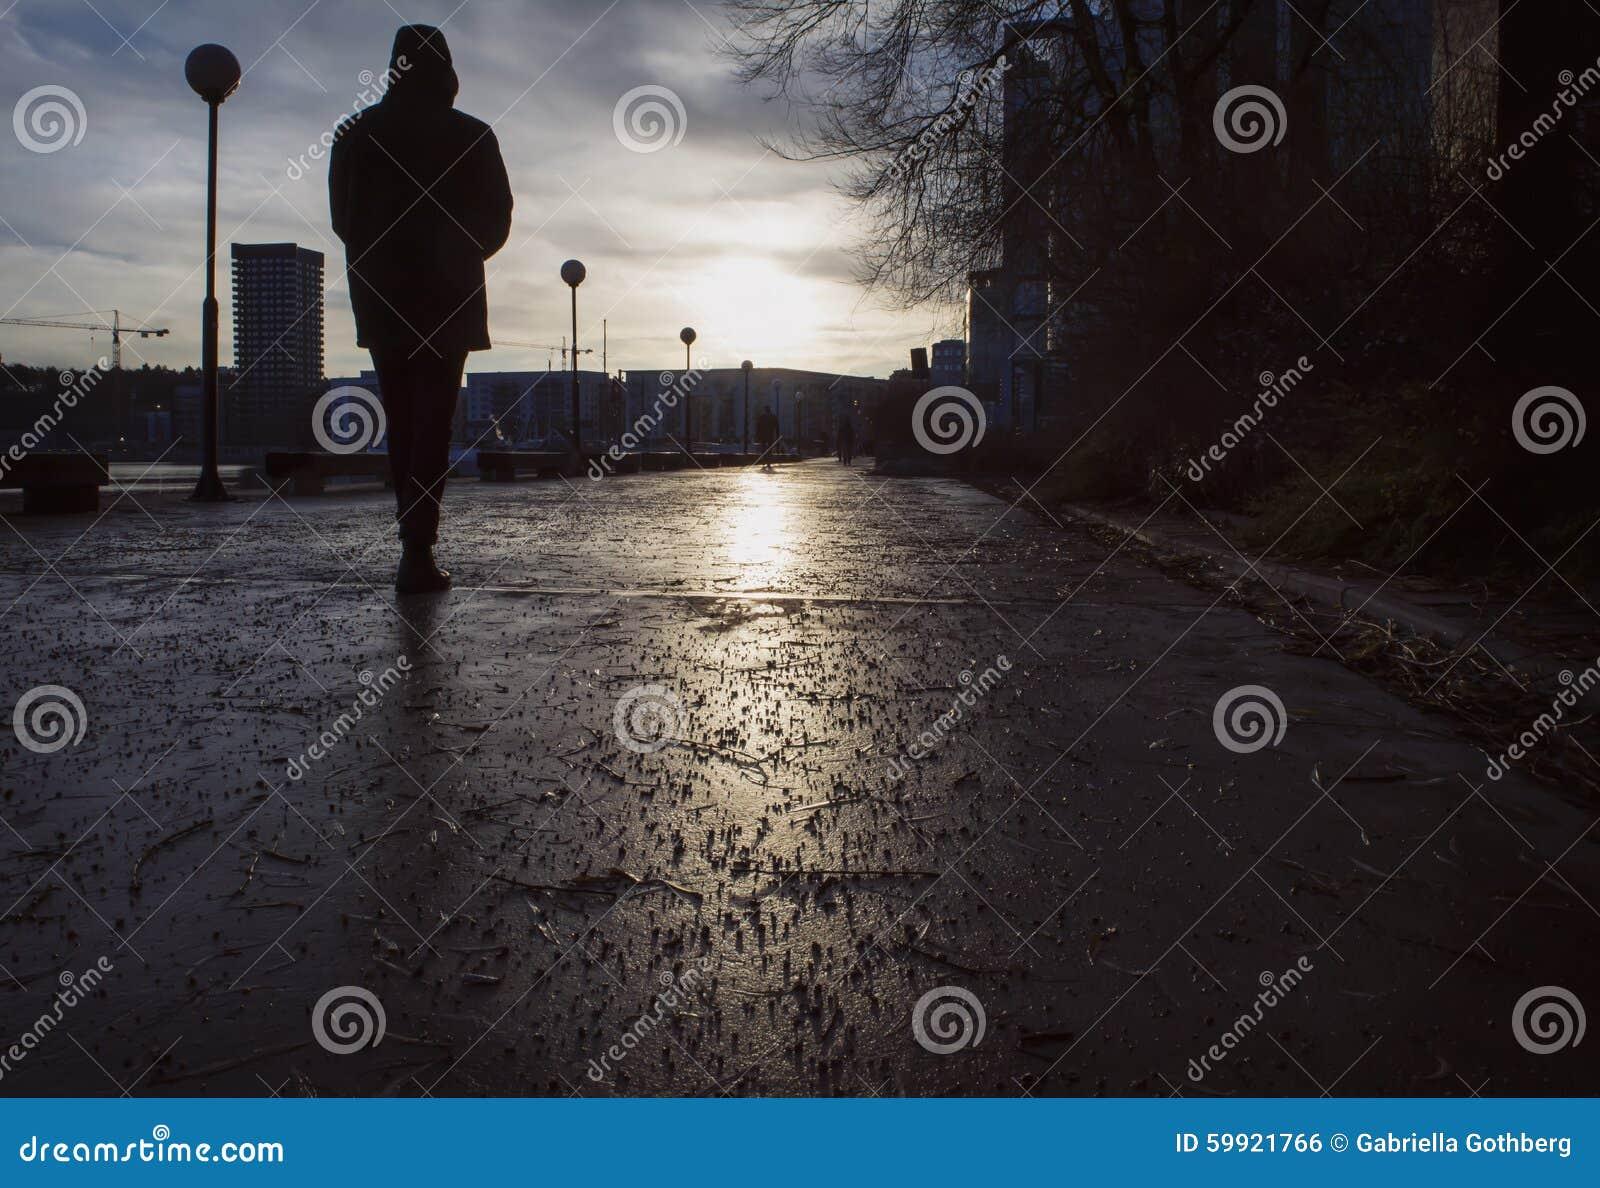 走在一条潮湿的街道上的人Silohouette每阴沉的天在晚秋天/冬天,